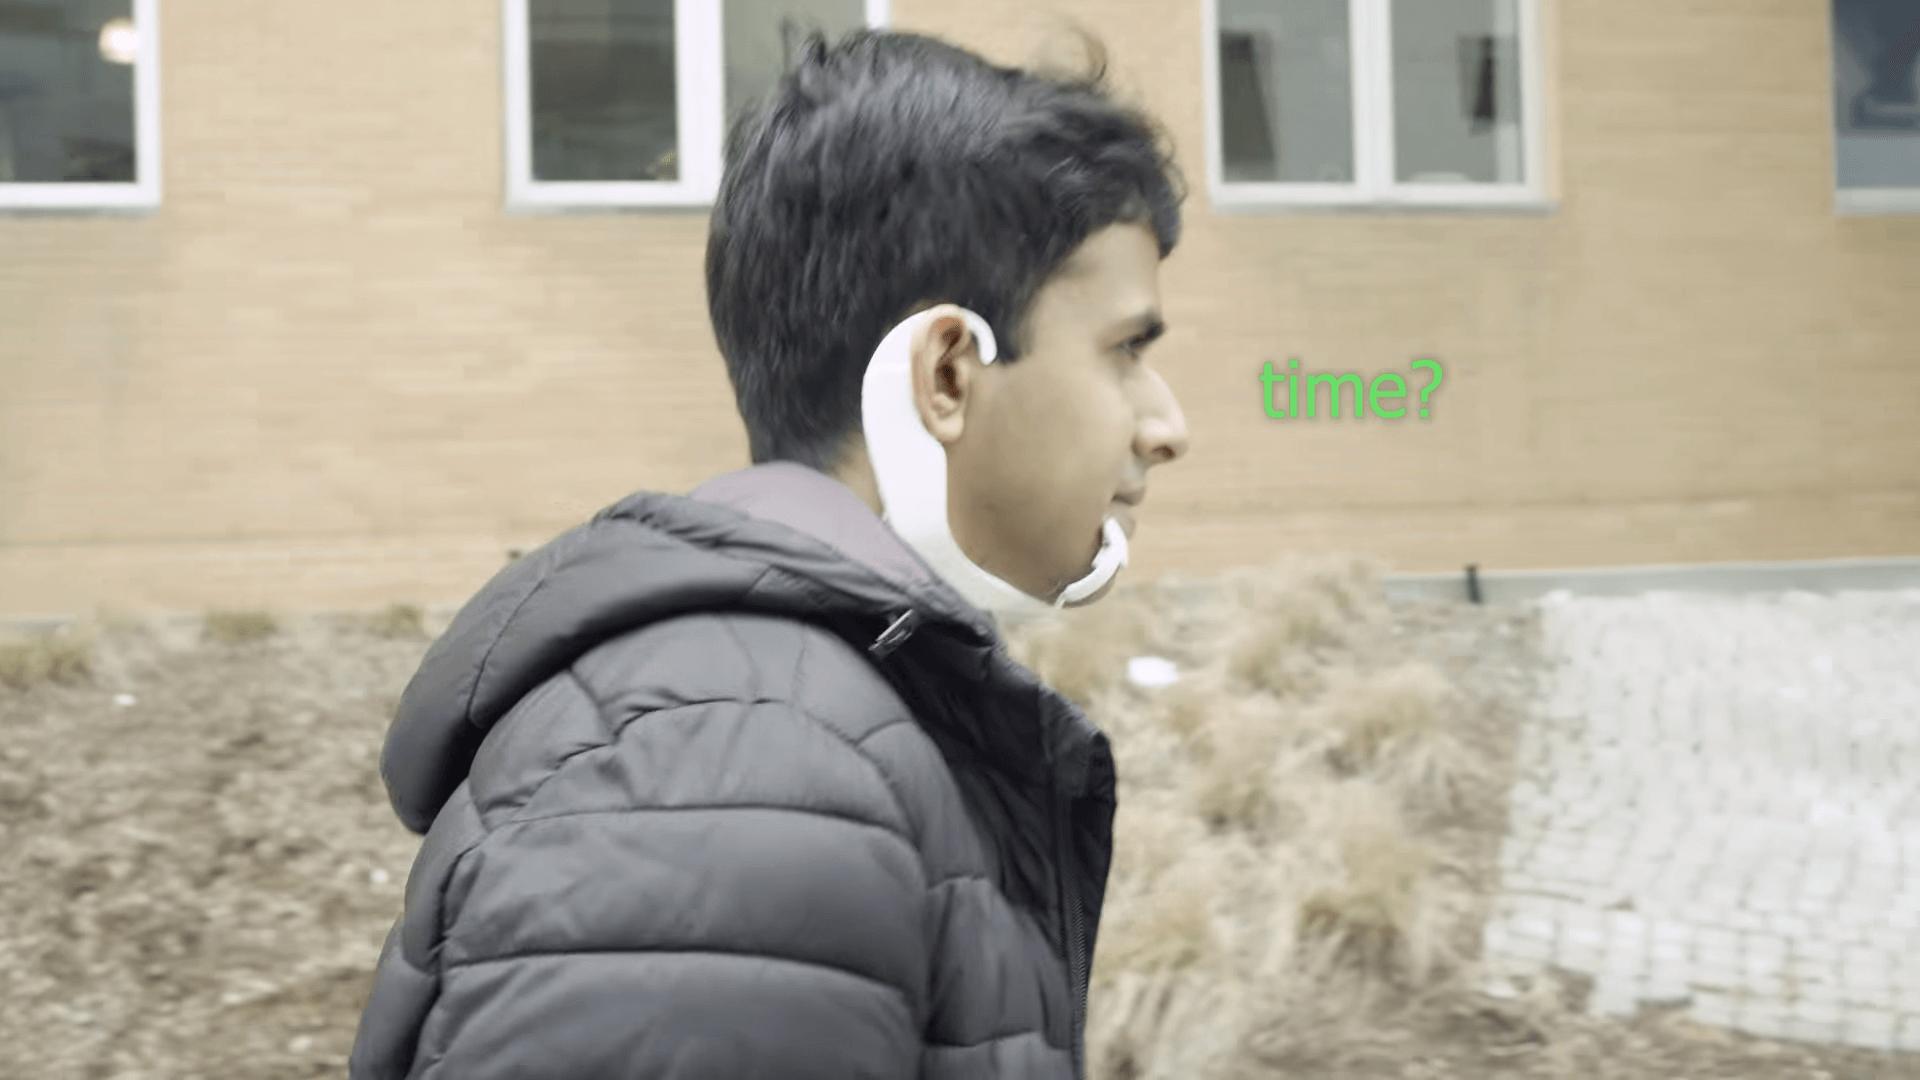 AlterEgo: o wearable capaz de ouvir sua voz interior e executar tarefas